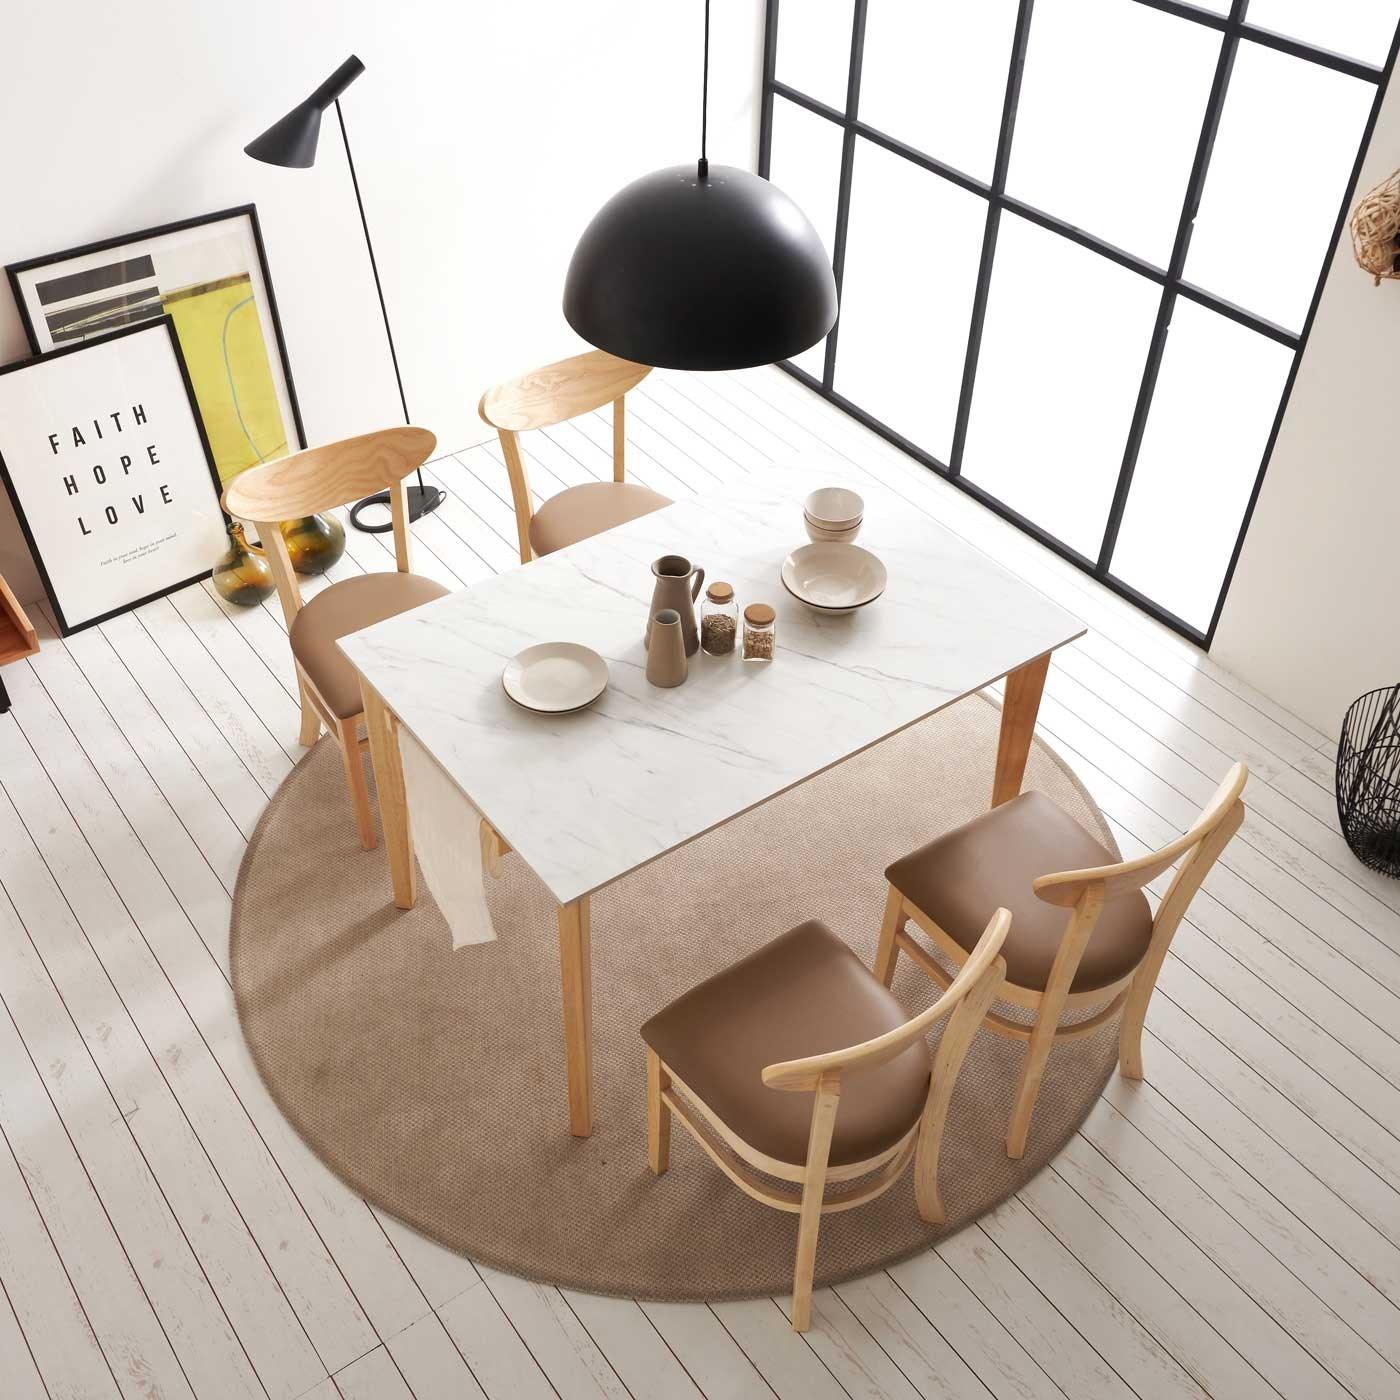 보니애가구 라일라 1200 통세라믹 4인용 식탁 세트 식탁세트, 체어형 (의자 4개)